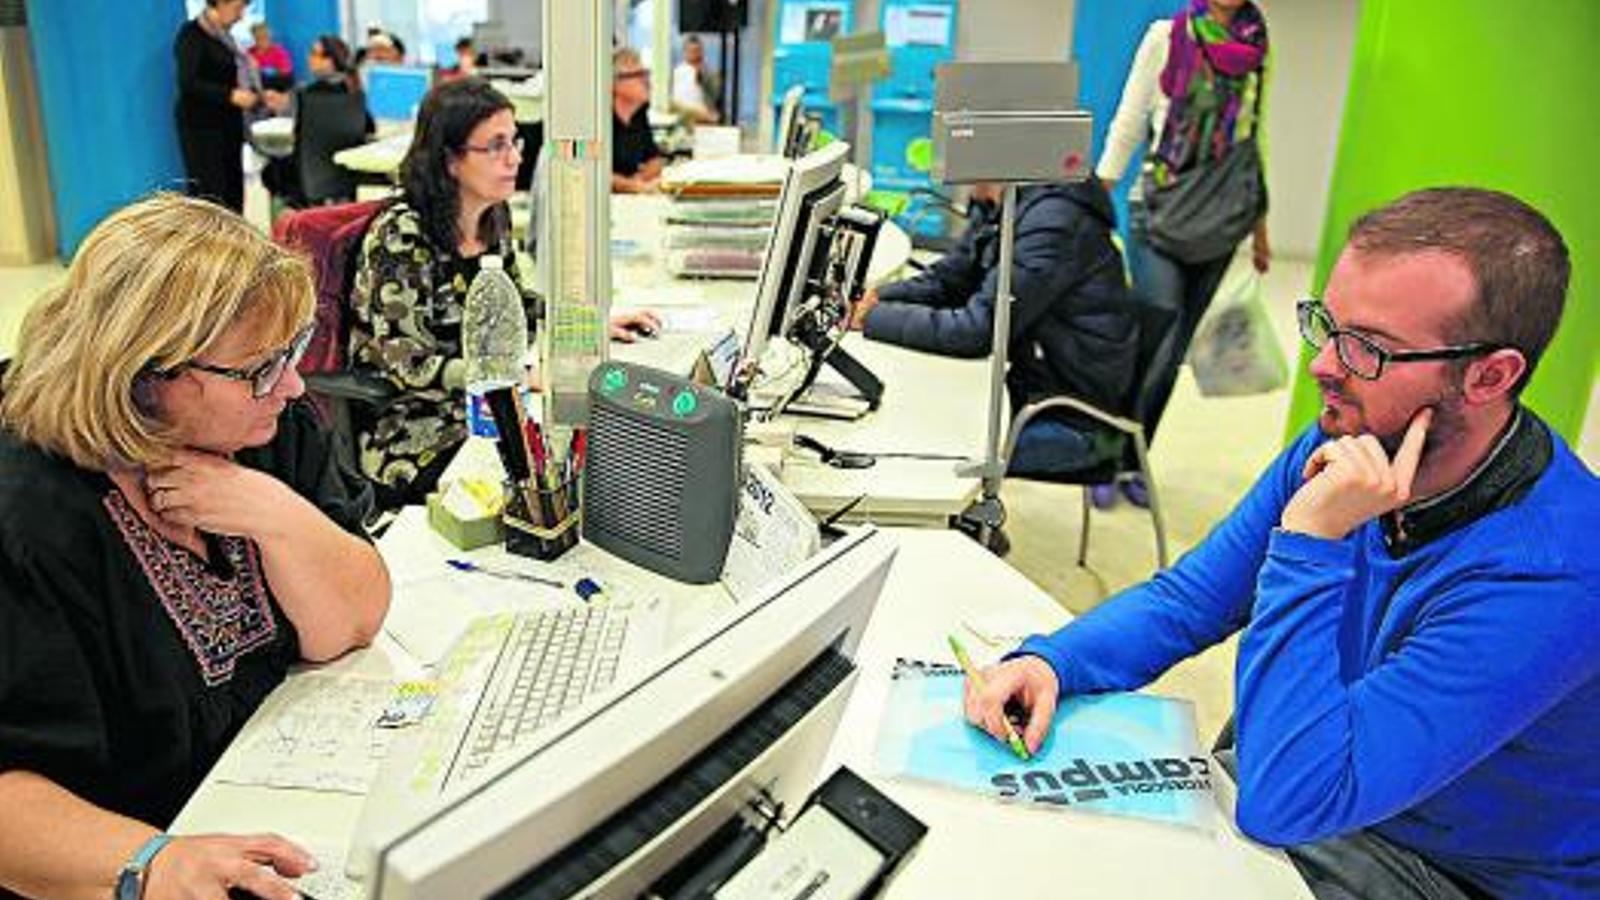 M s f cil reduir l 39 atur que generar nova feina for Oficina seguretat social